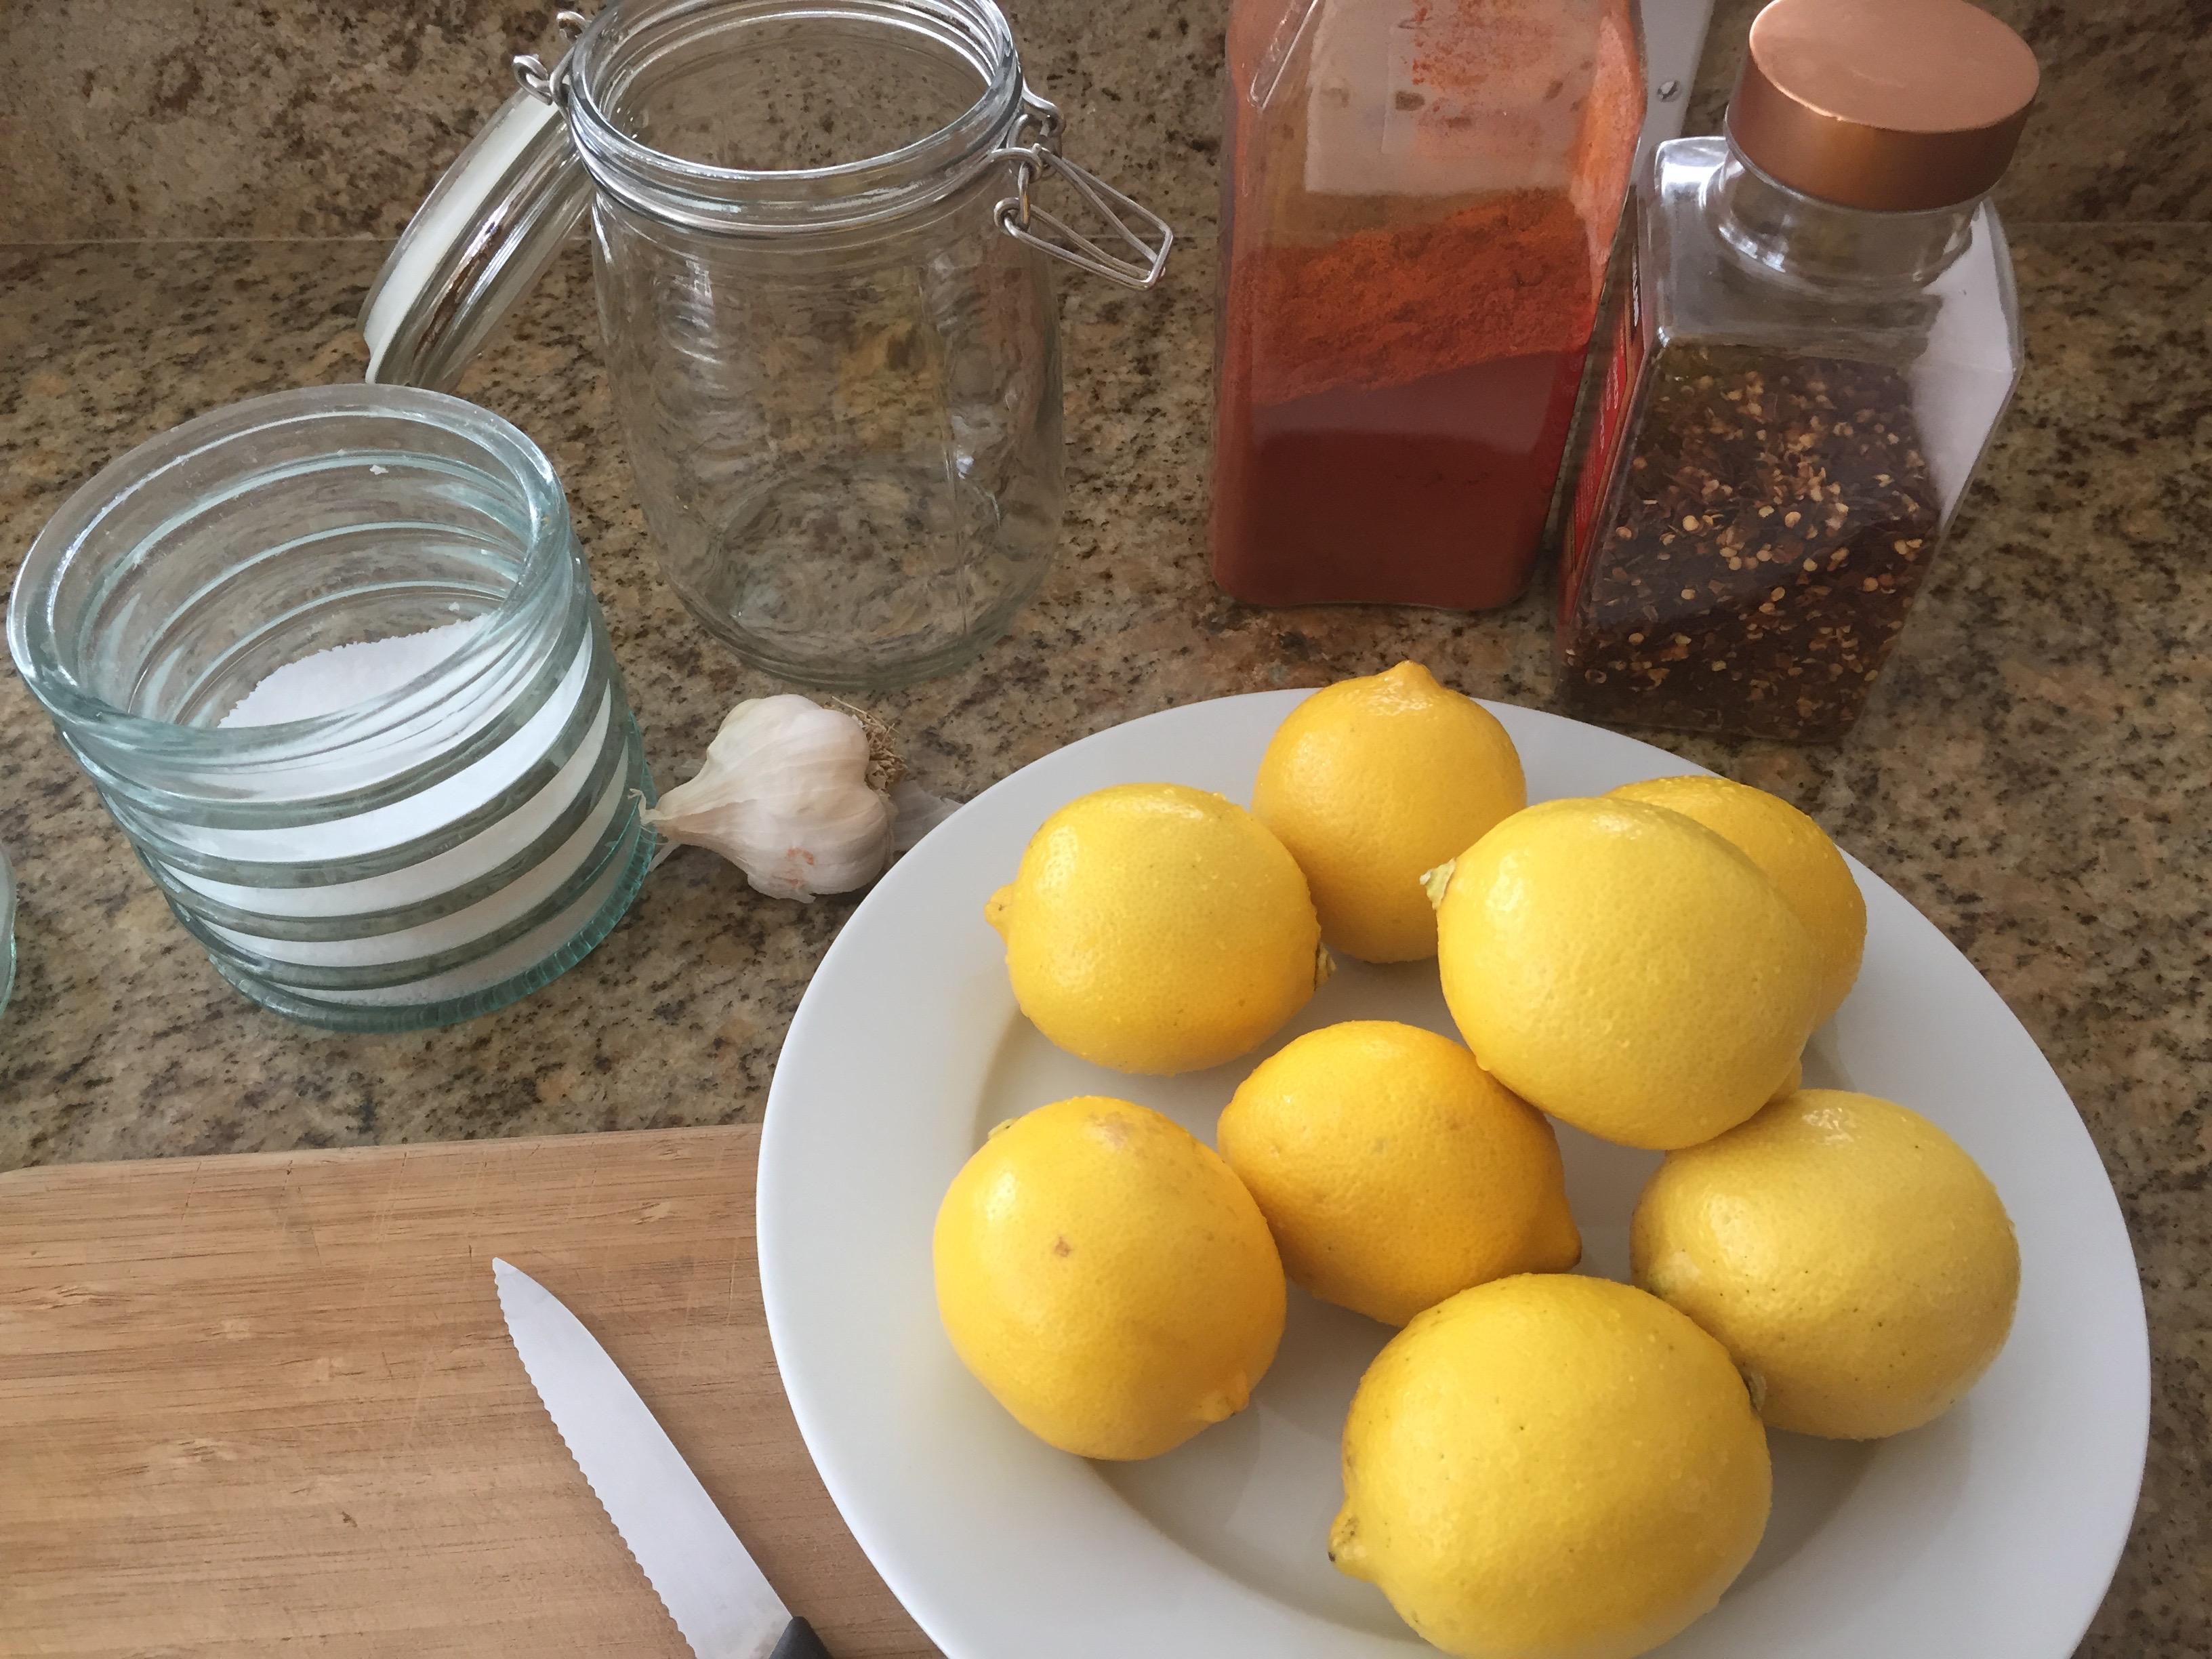 lemon ingredients